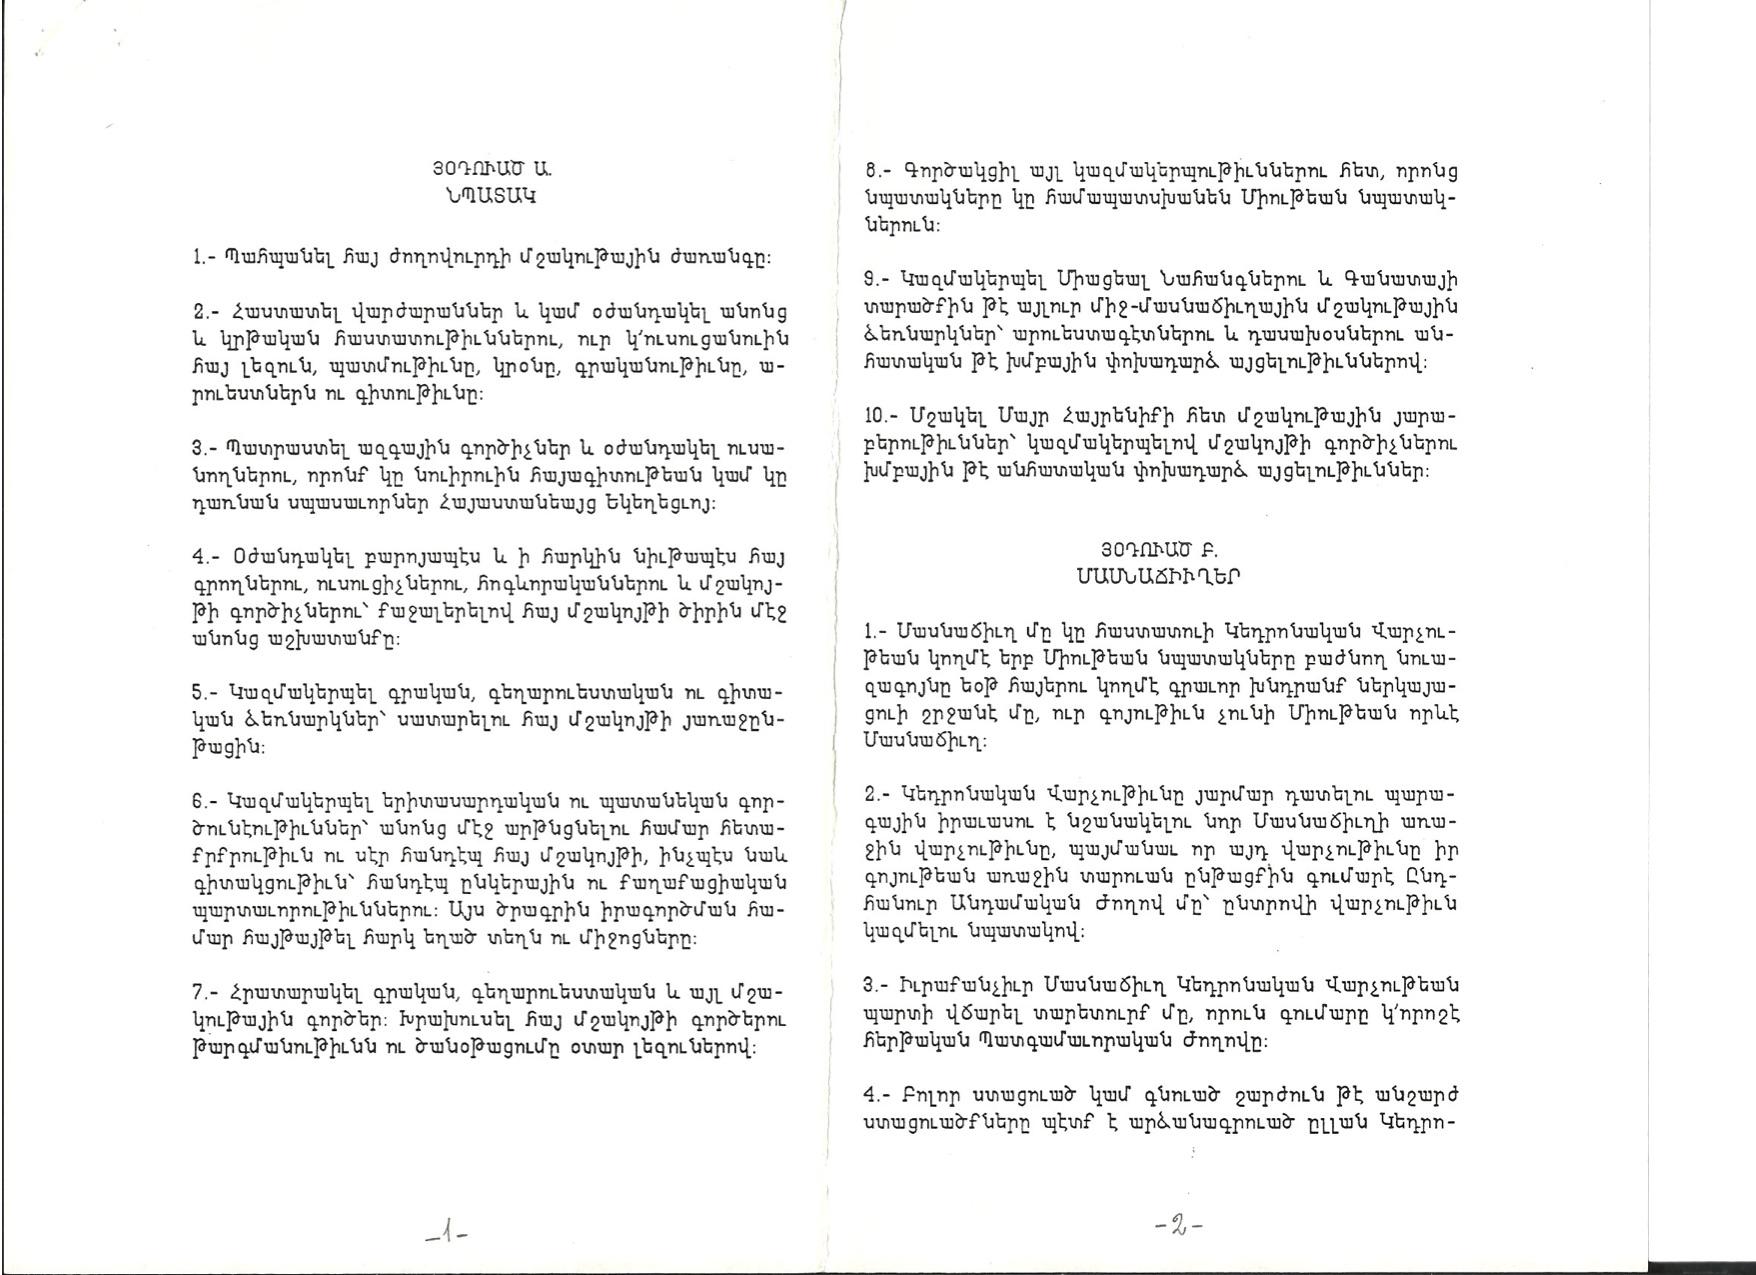 Կանոնագիր Թէքէեան Մշակ. Միութեան2.jpg